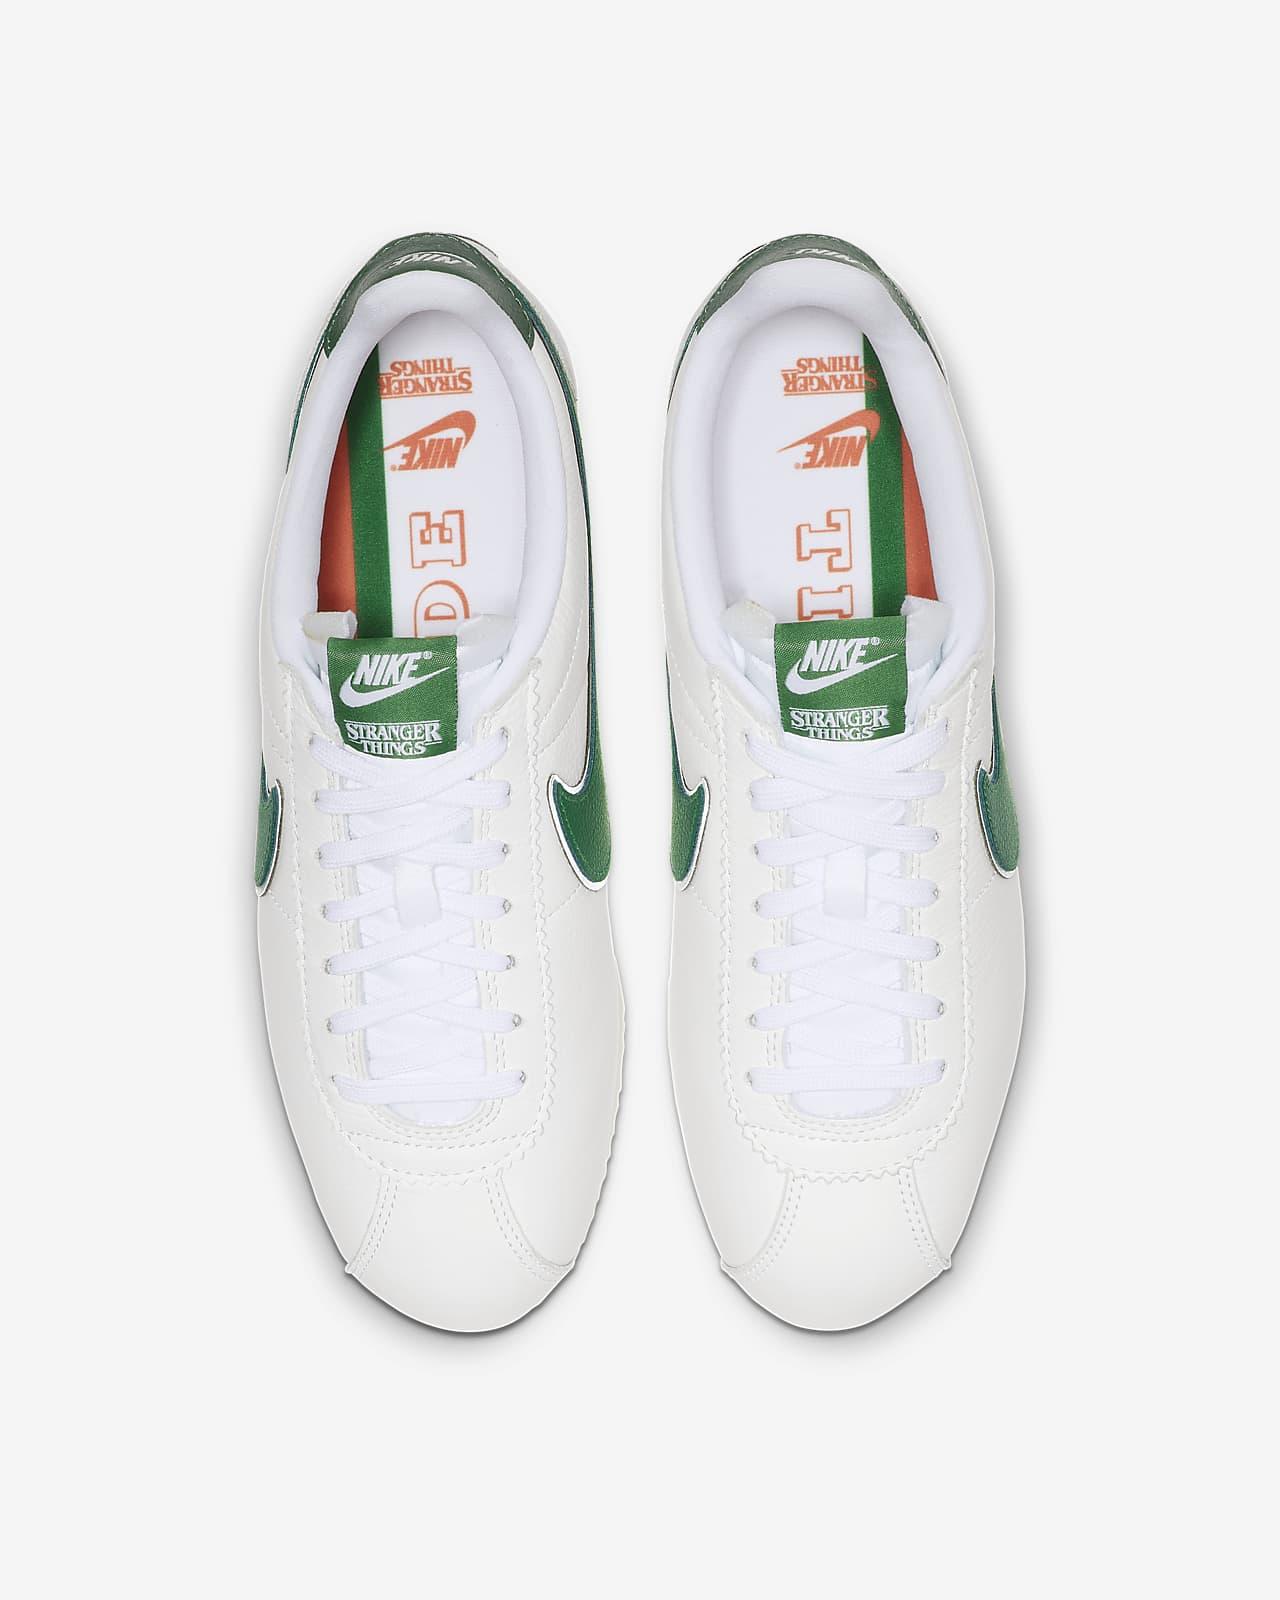 stranger things shoes nike price